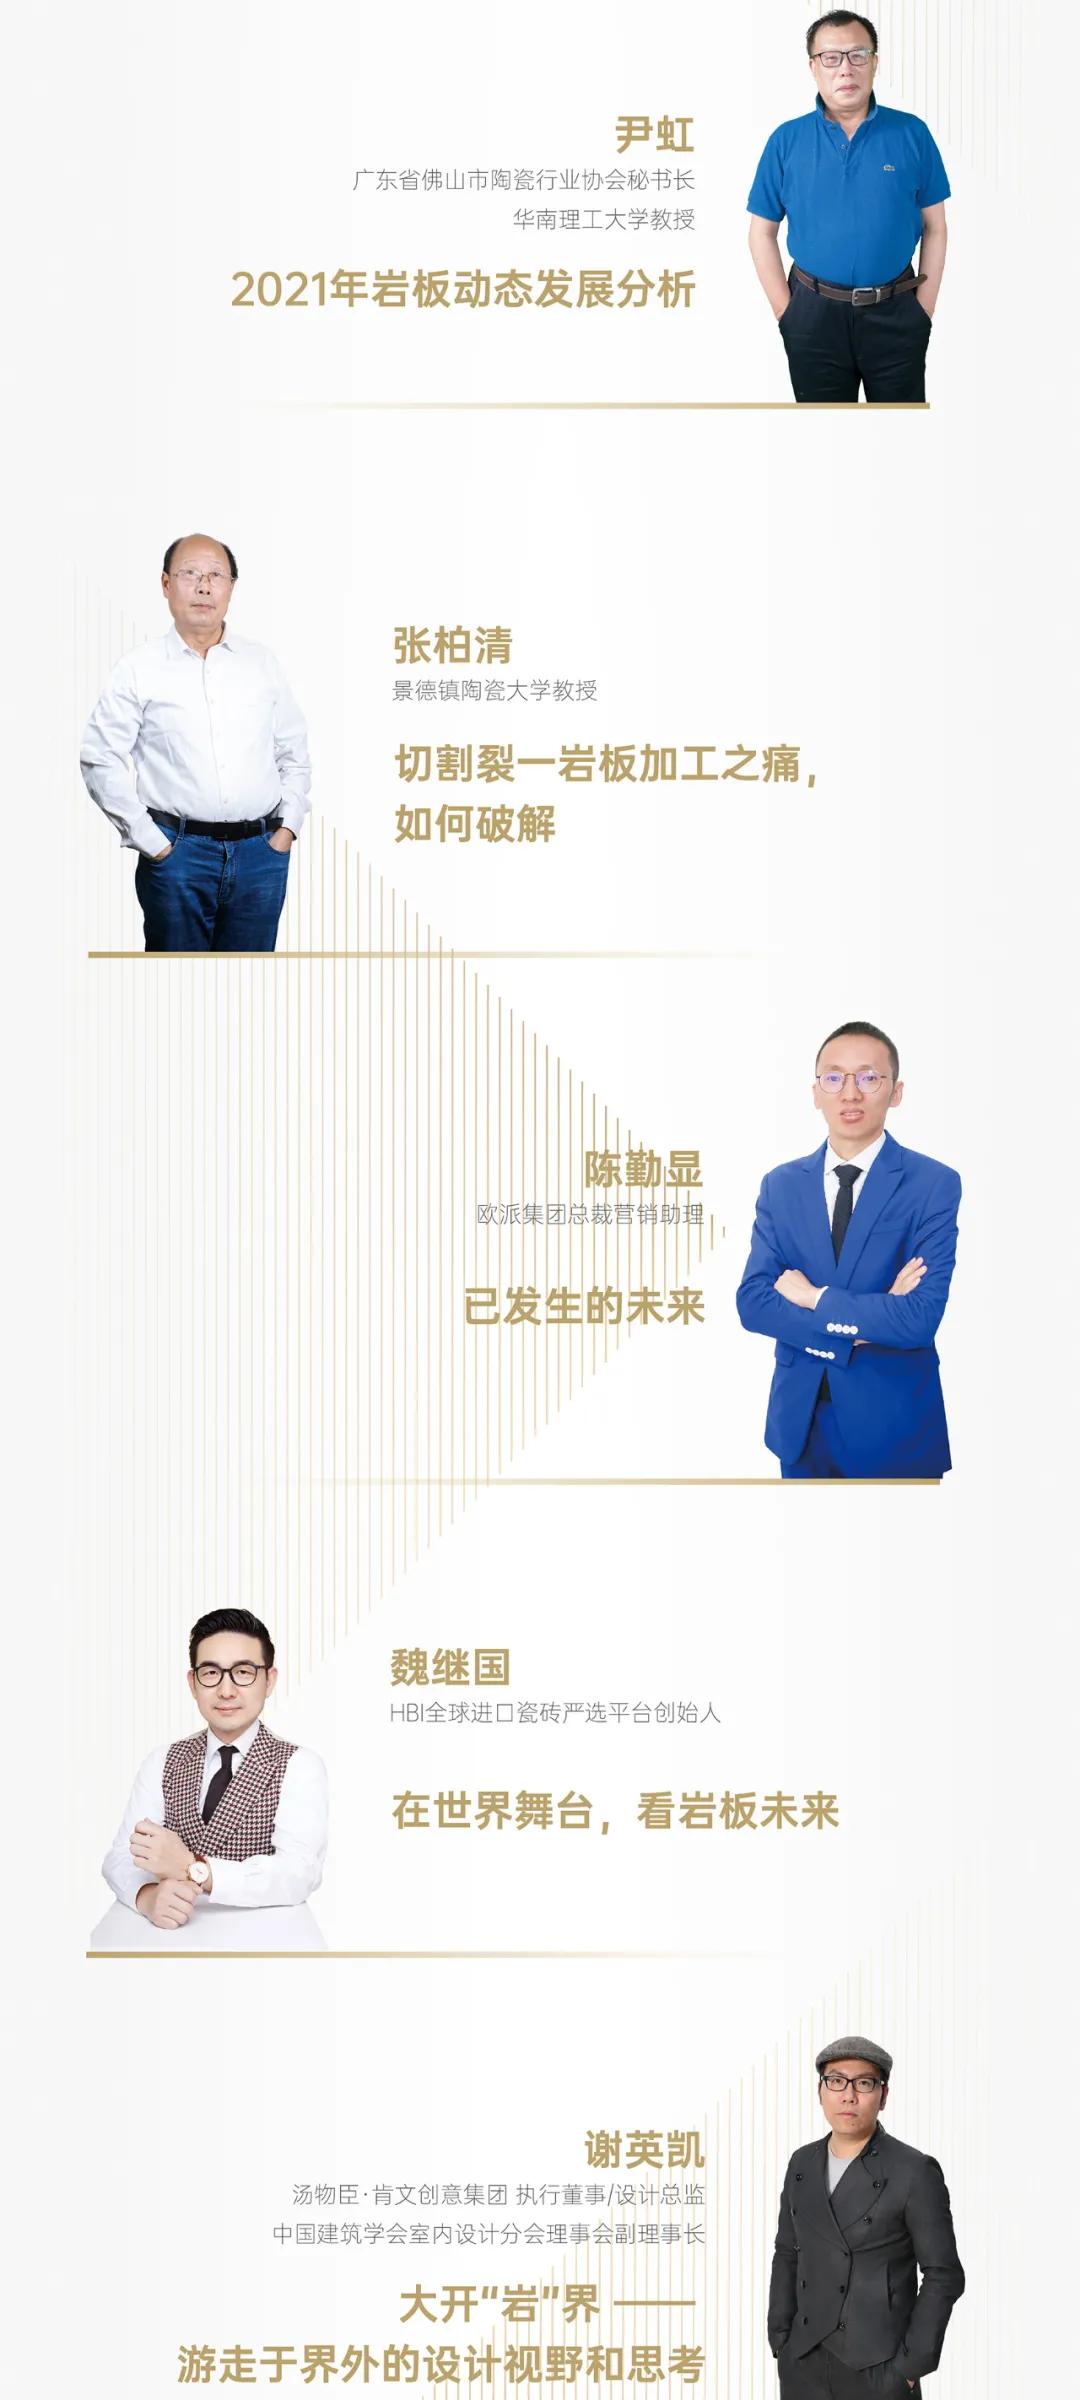 2021中国岩板峰会 | 豪华嘉宾阵容曝光